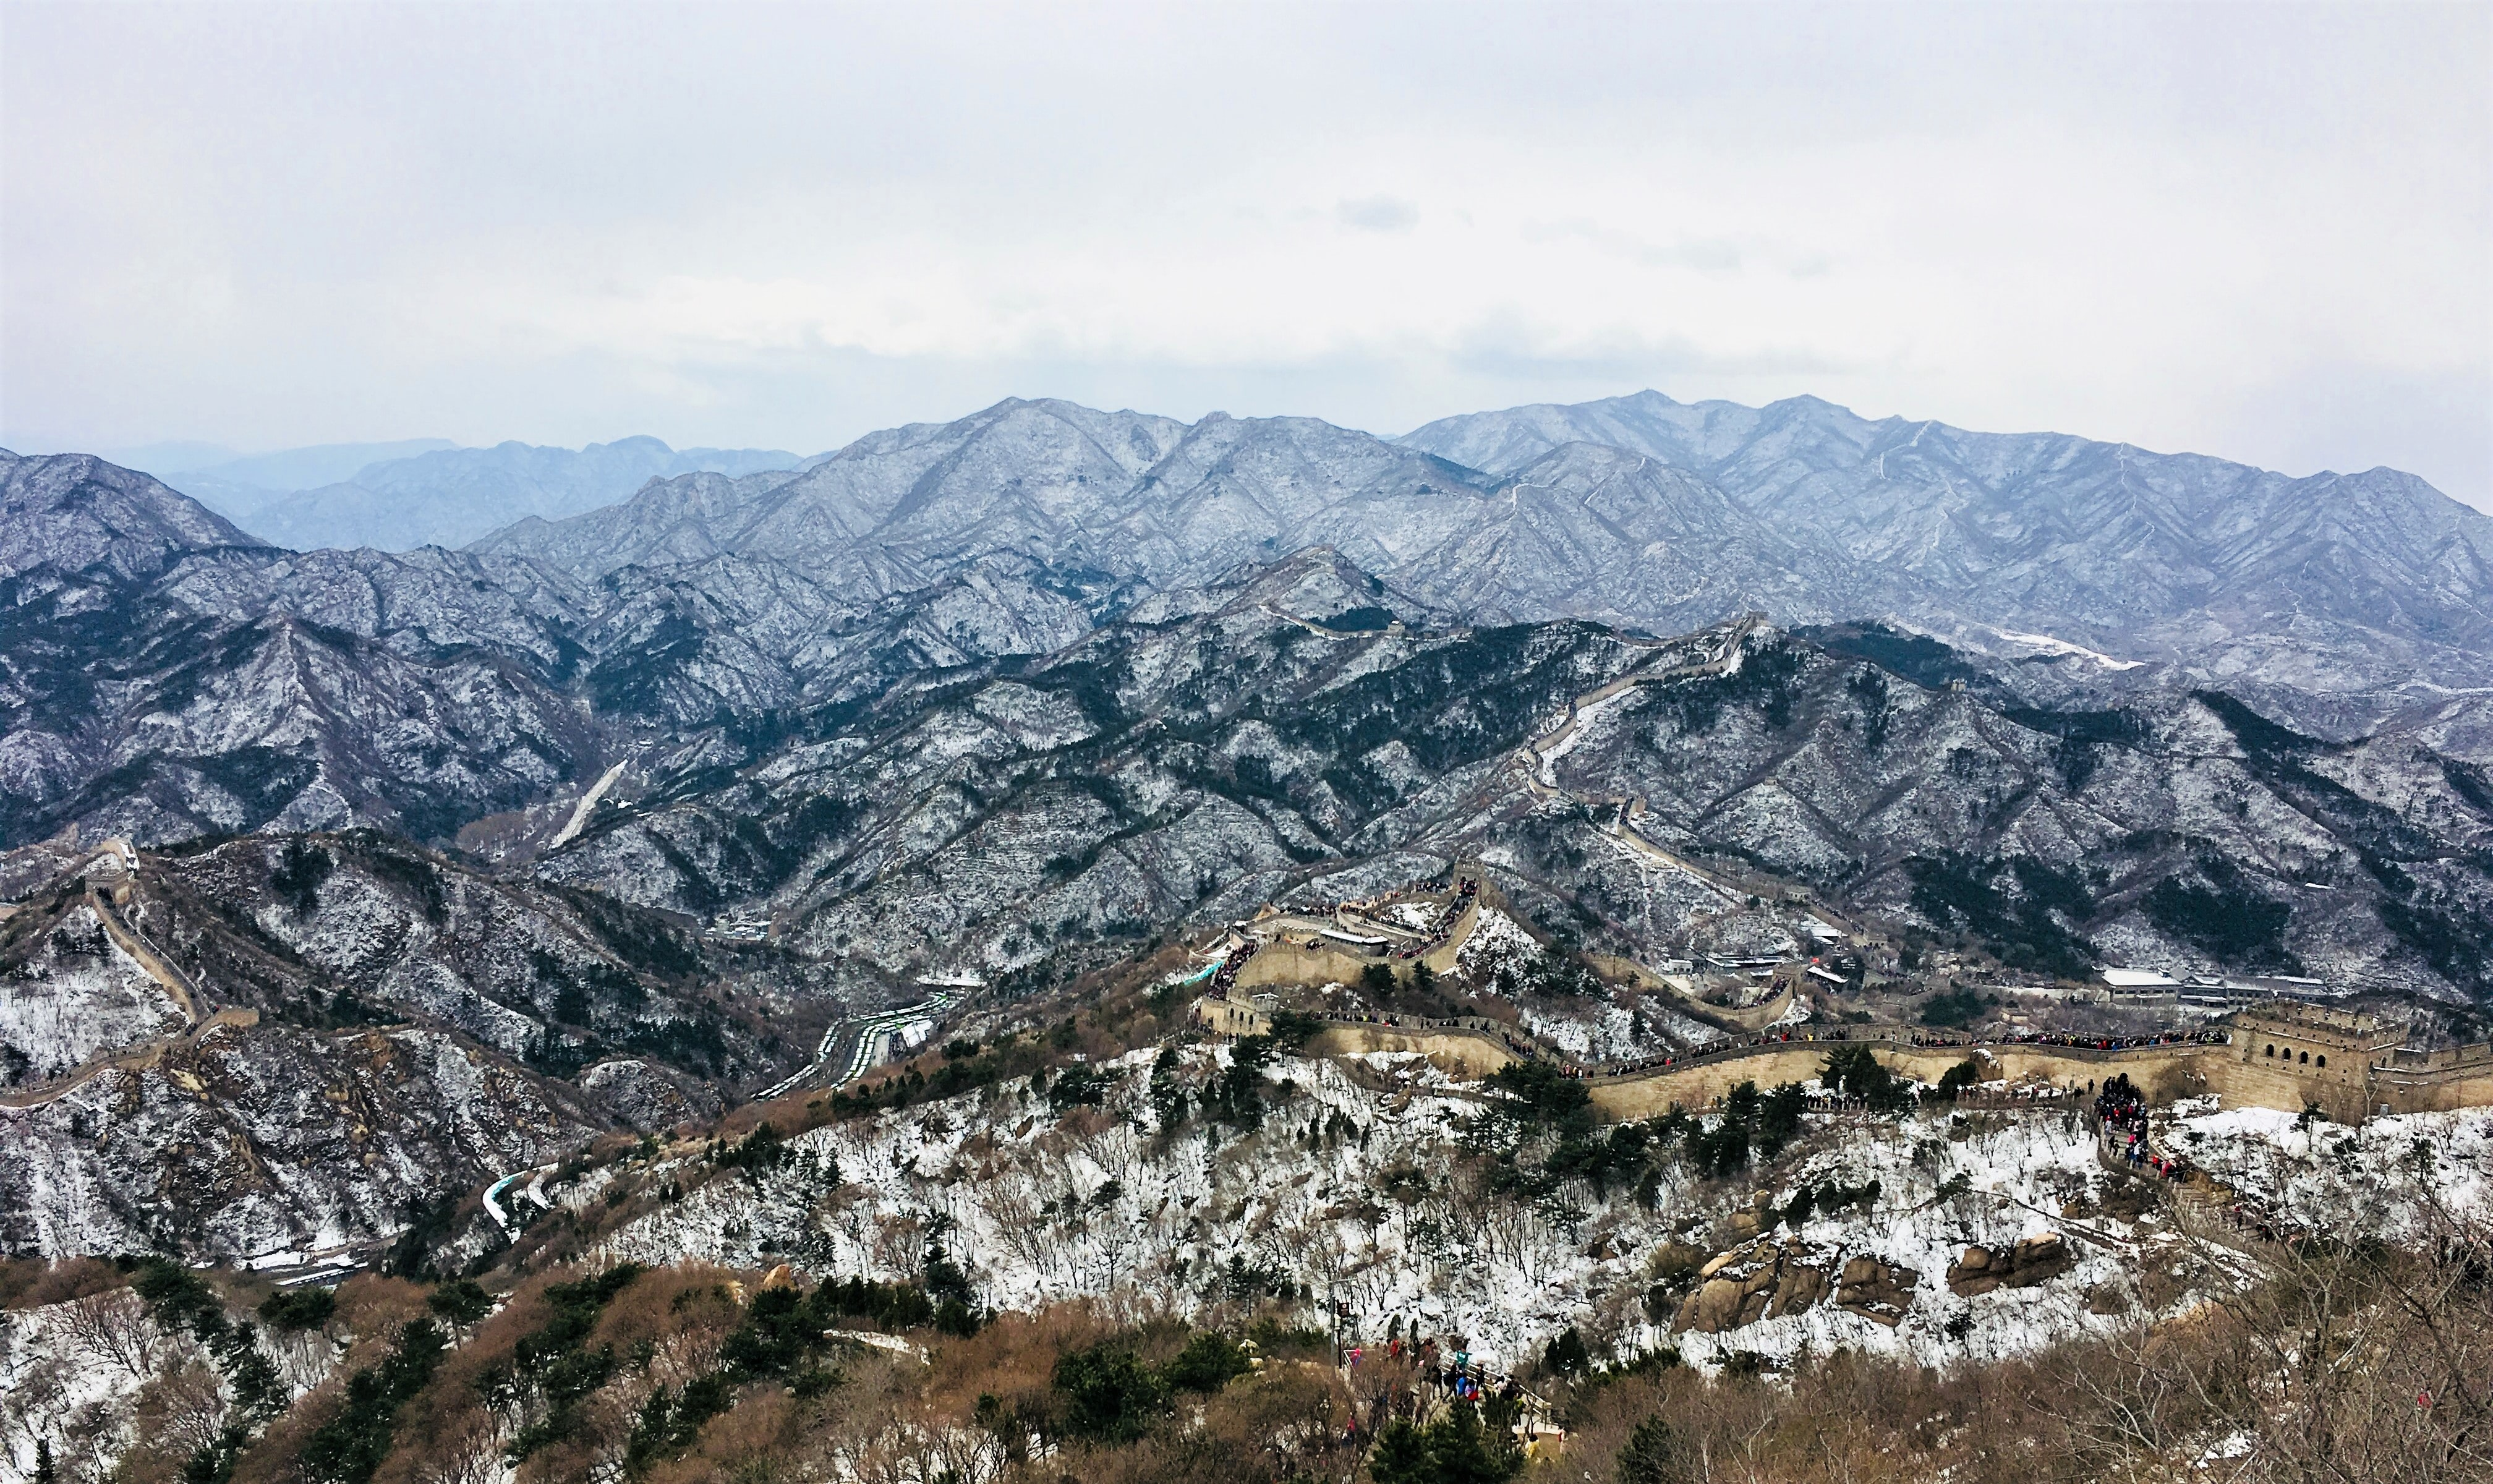 bird's-eye view of mountains